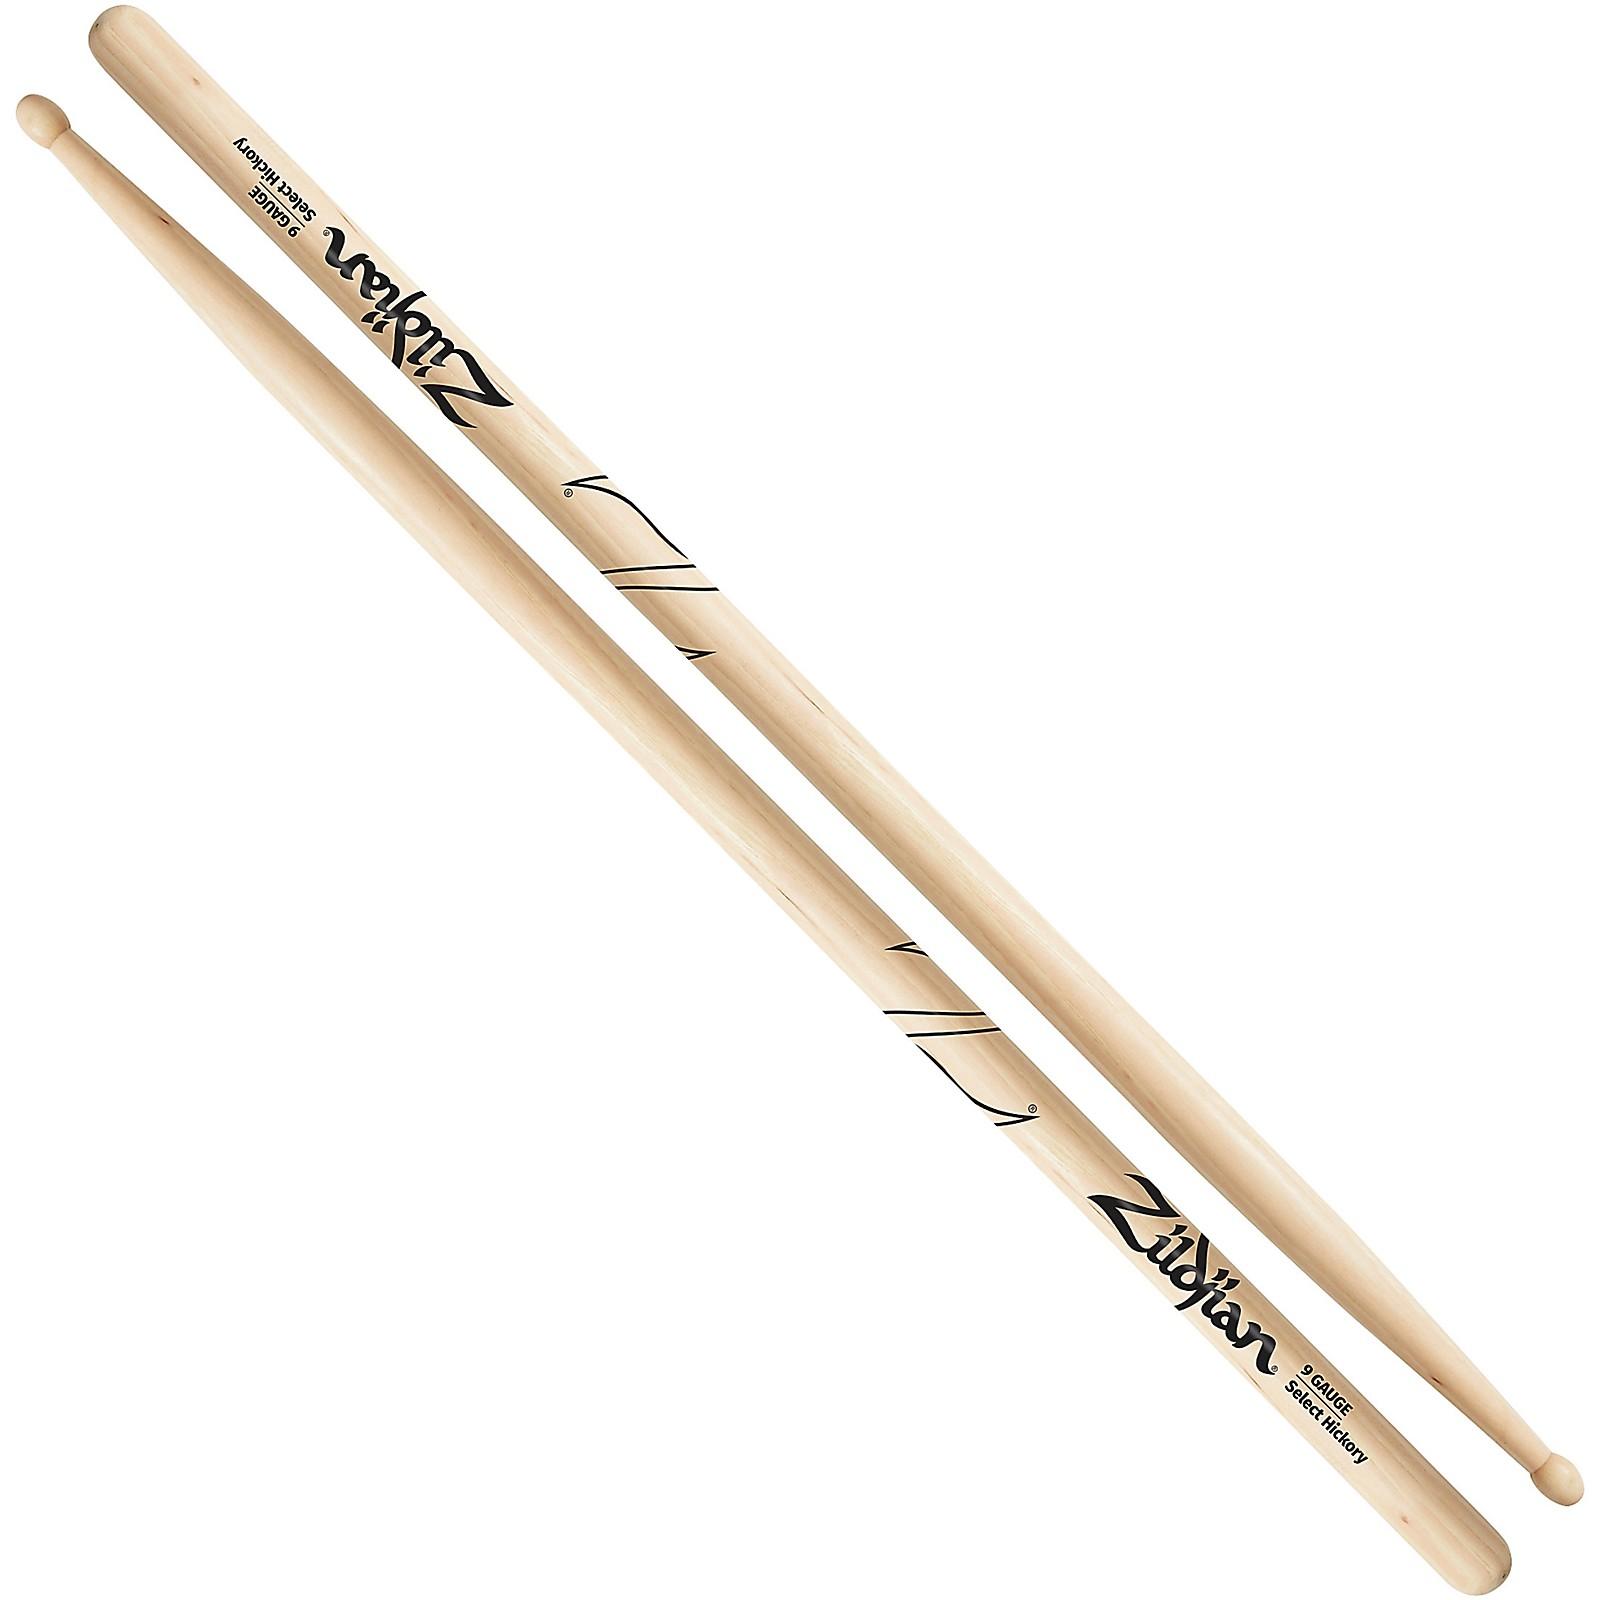 Zildjian Gauge Series Drum Sticks